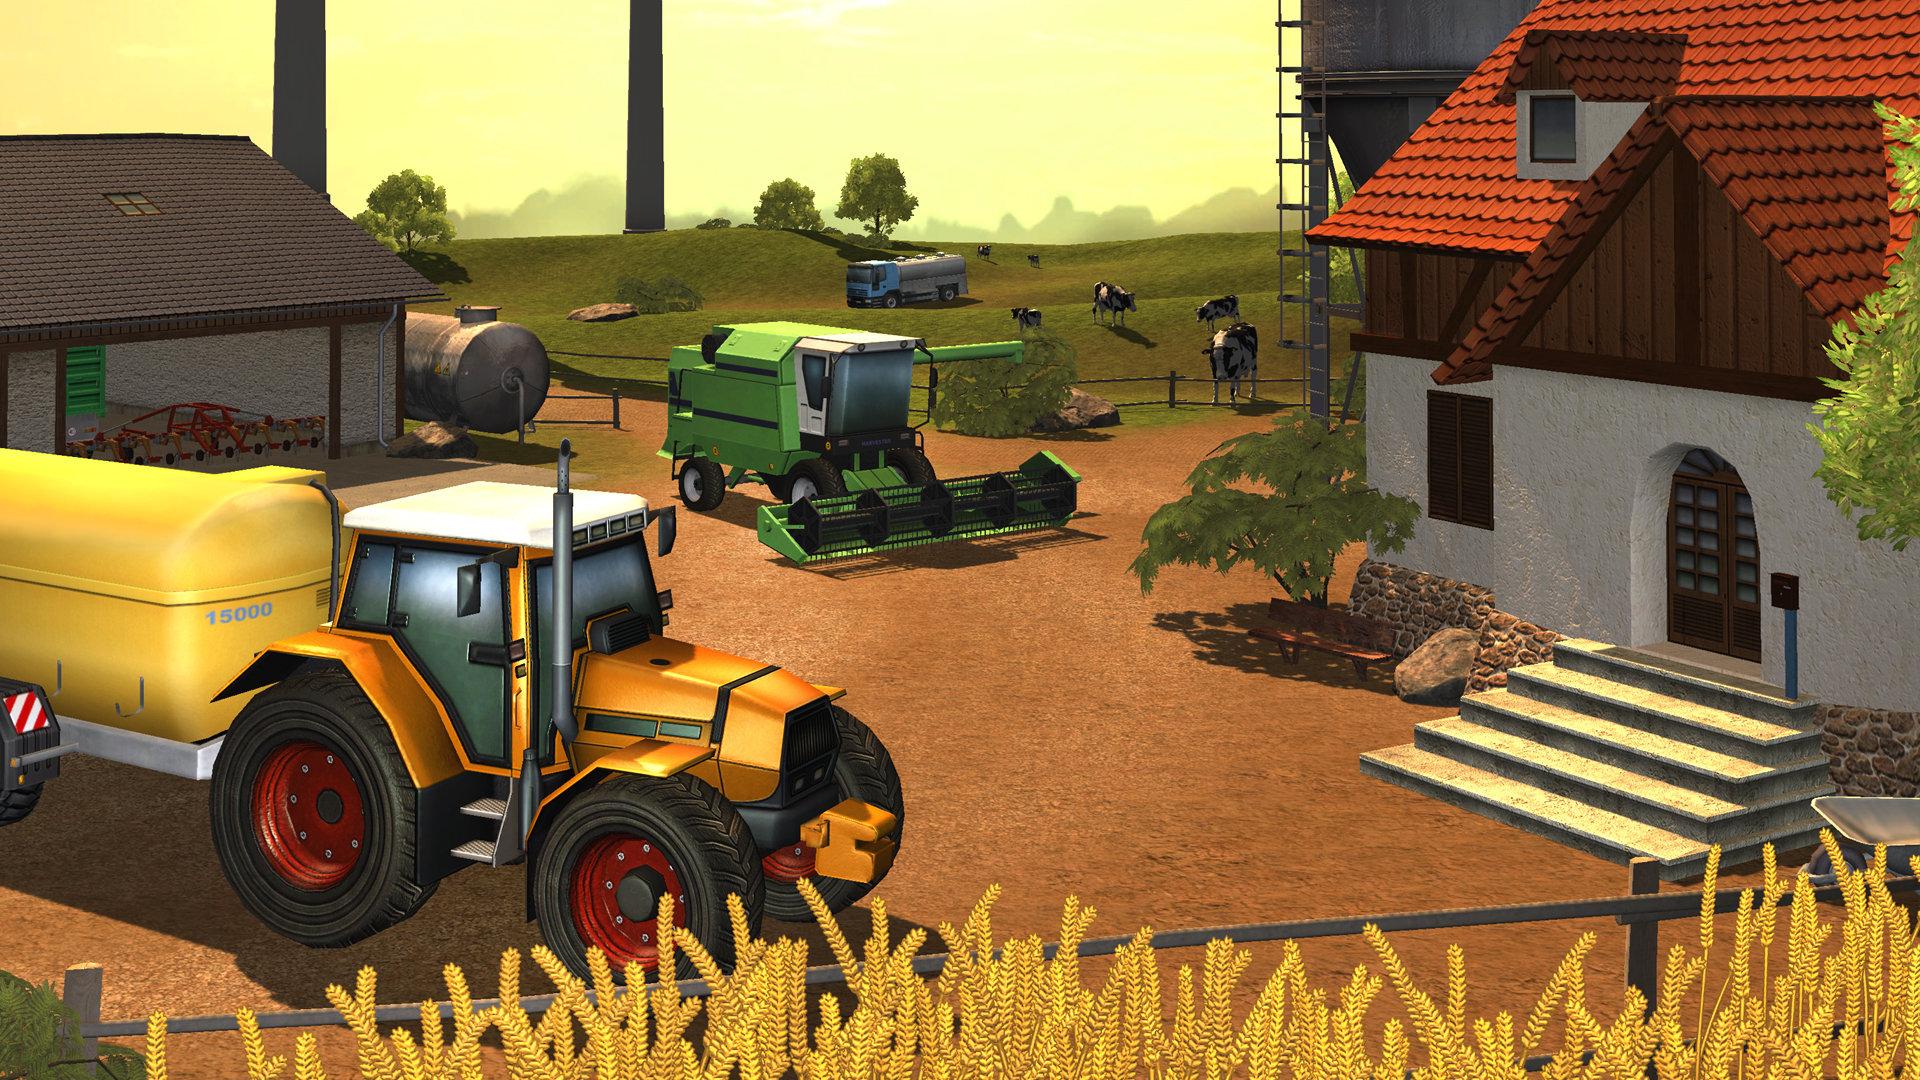 der-planer-Landwirtschaft-nat-games-review.2-jpg